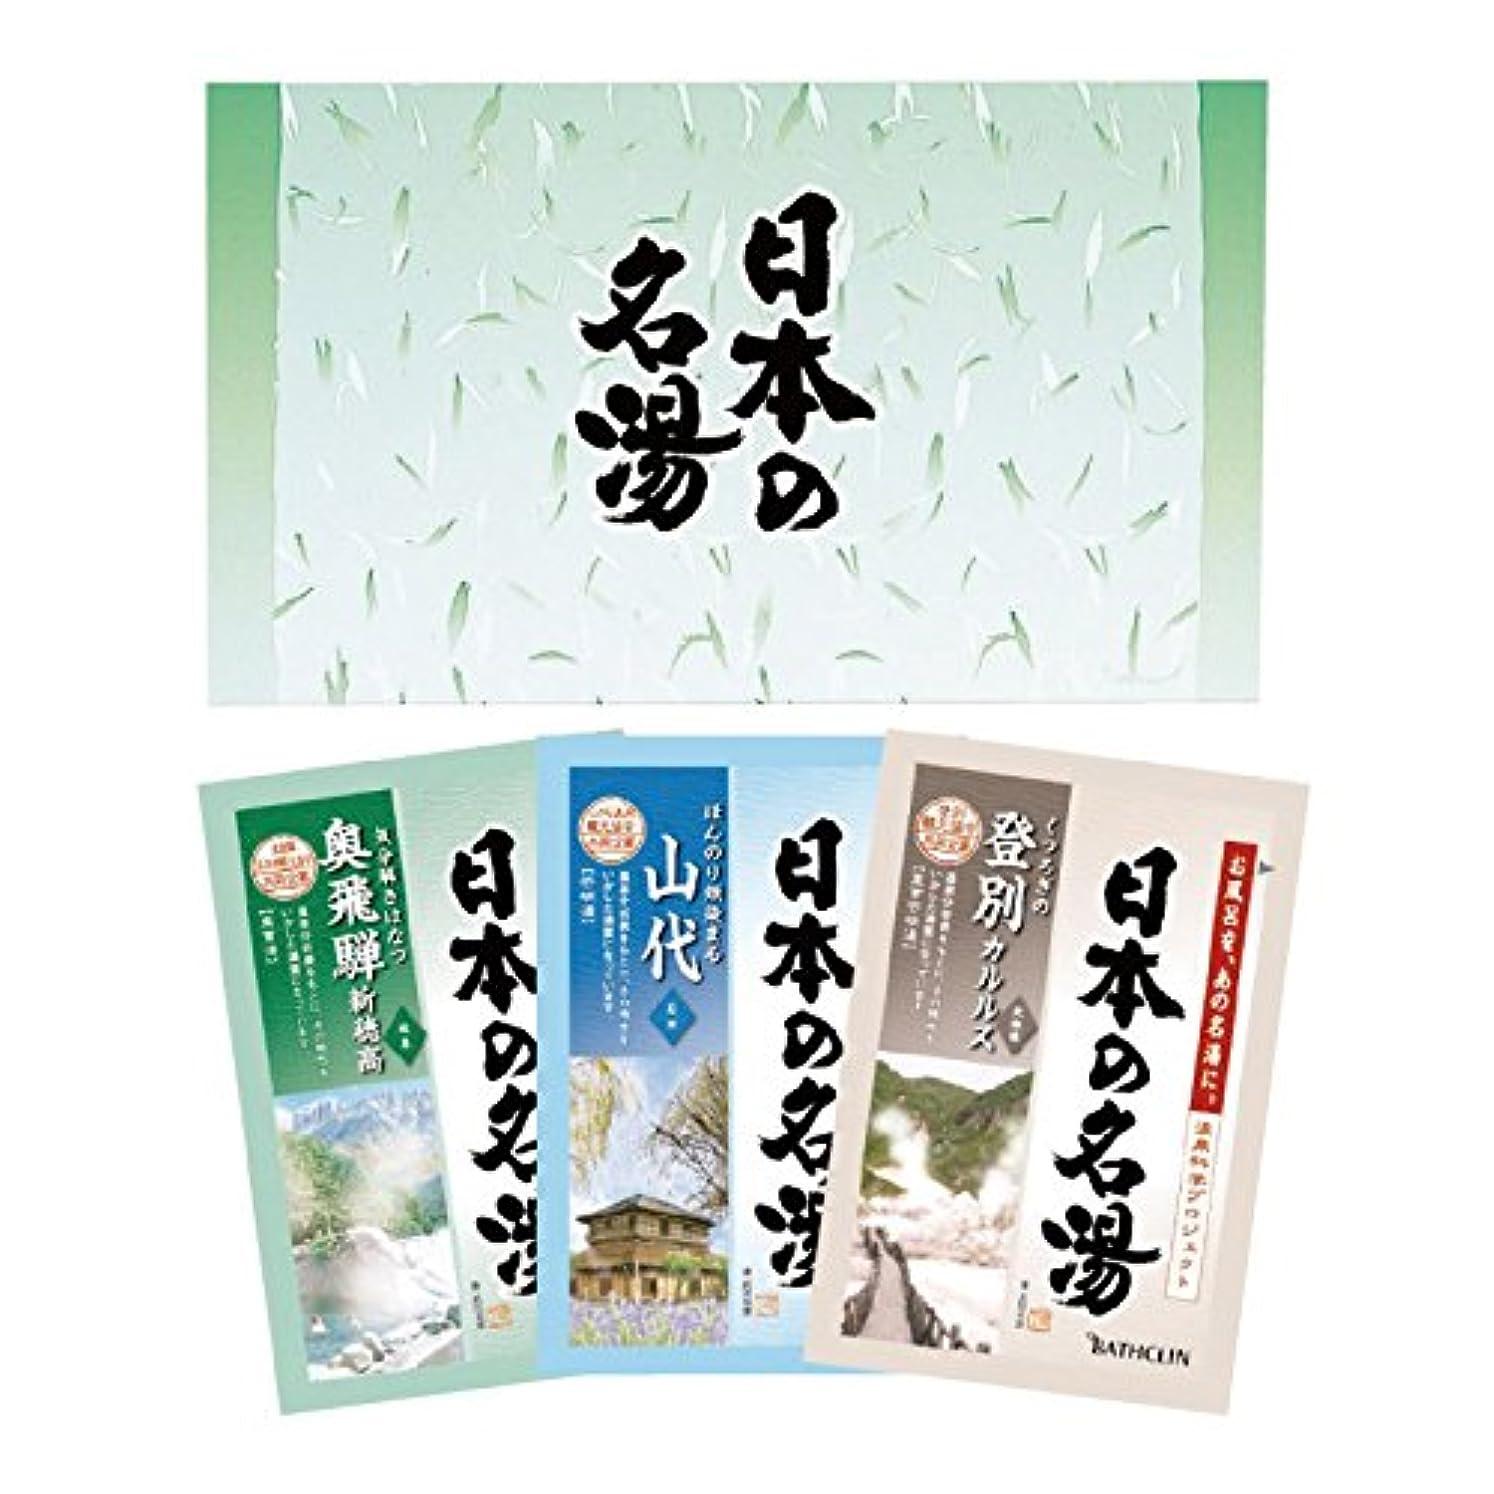 微妙ノーブル固体日本の名湯 入浴剤 3包入